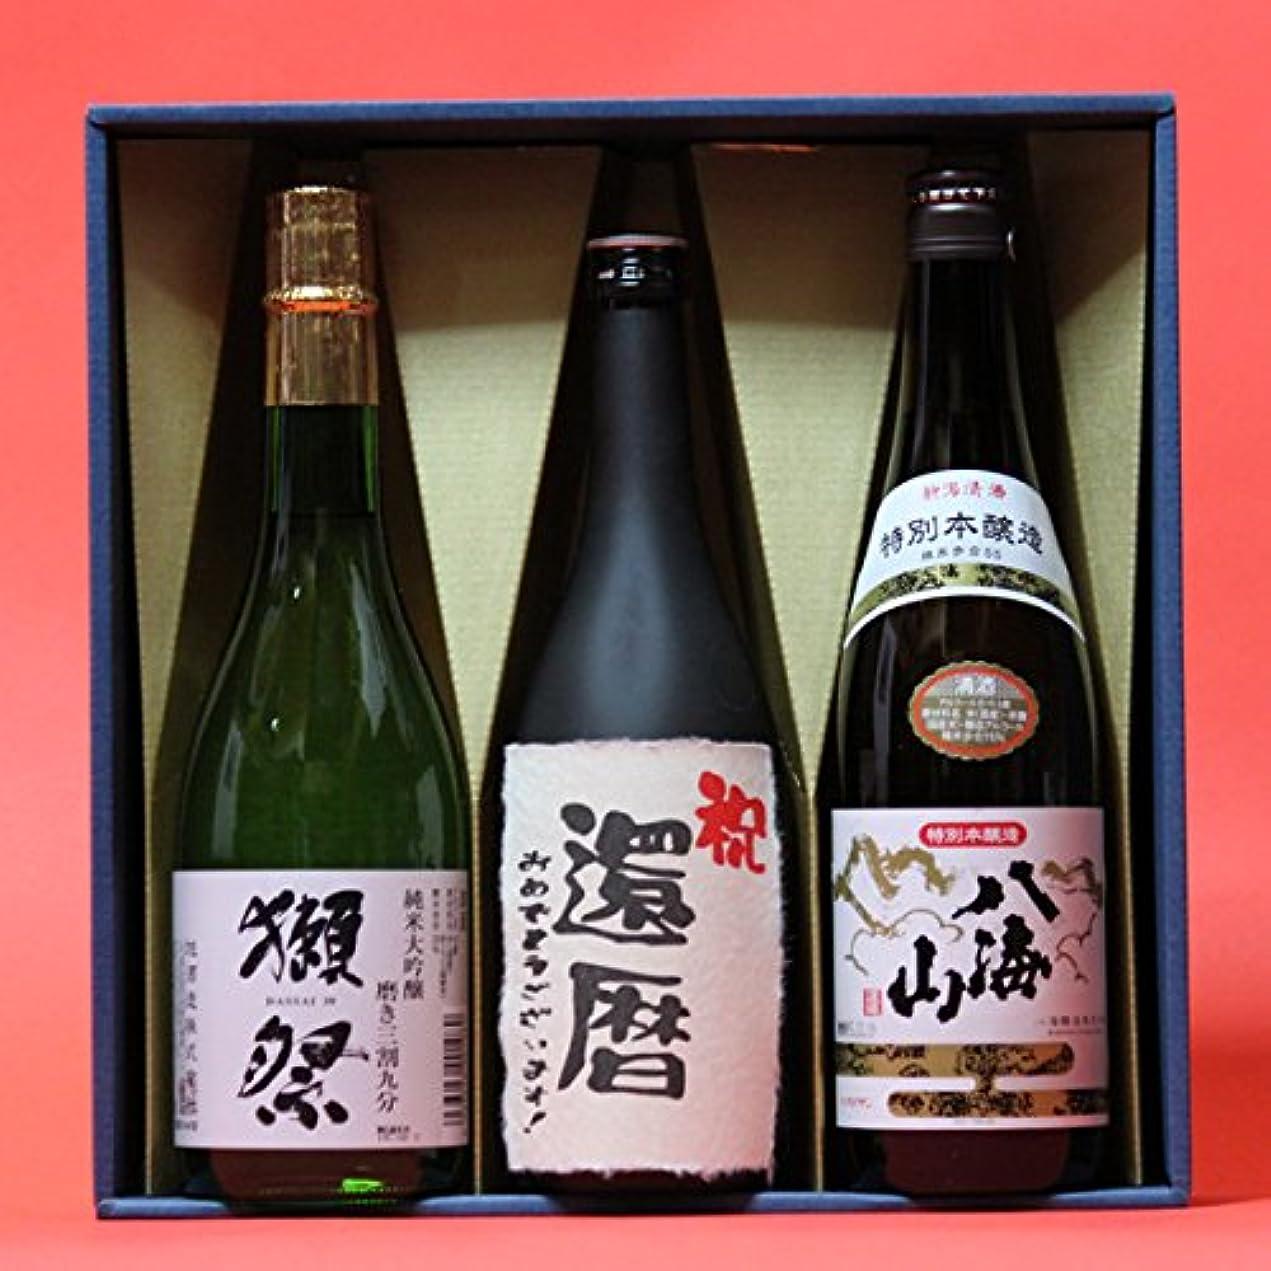 エレガントラグ針還暦祝い おめでとうございます!日本酒本醸造+獺祭(だっさい)39+八海山本醸造720ml 3本ギフト箱 茶色クラフト紙ラッピング 祝還暦のし 飲み比べセット